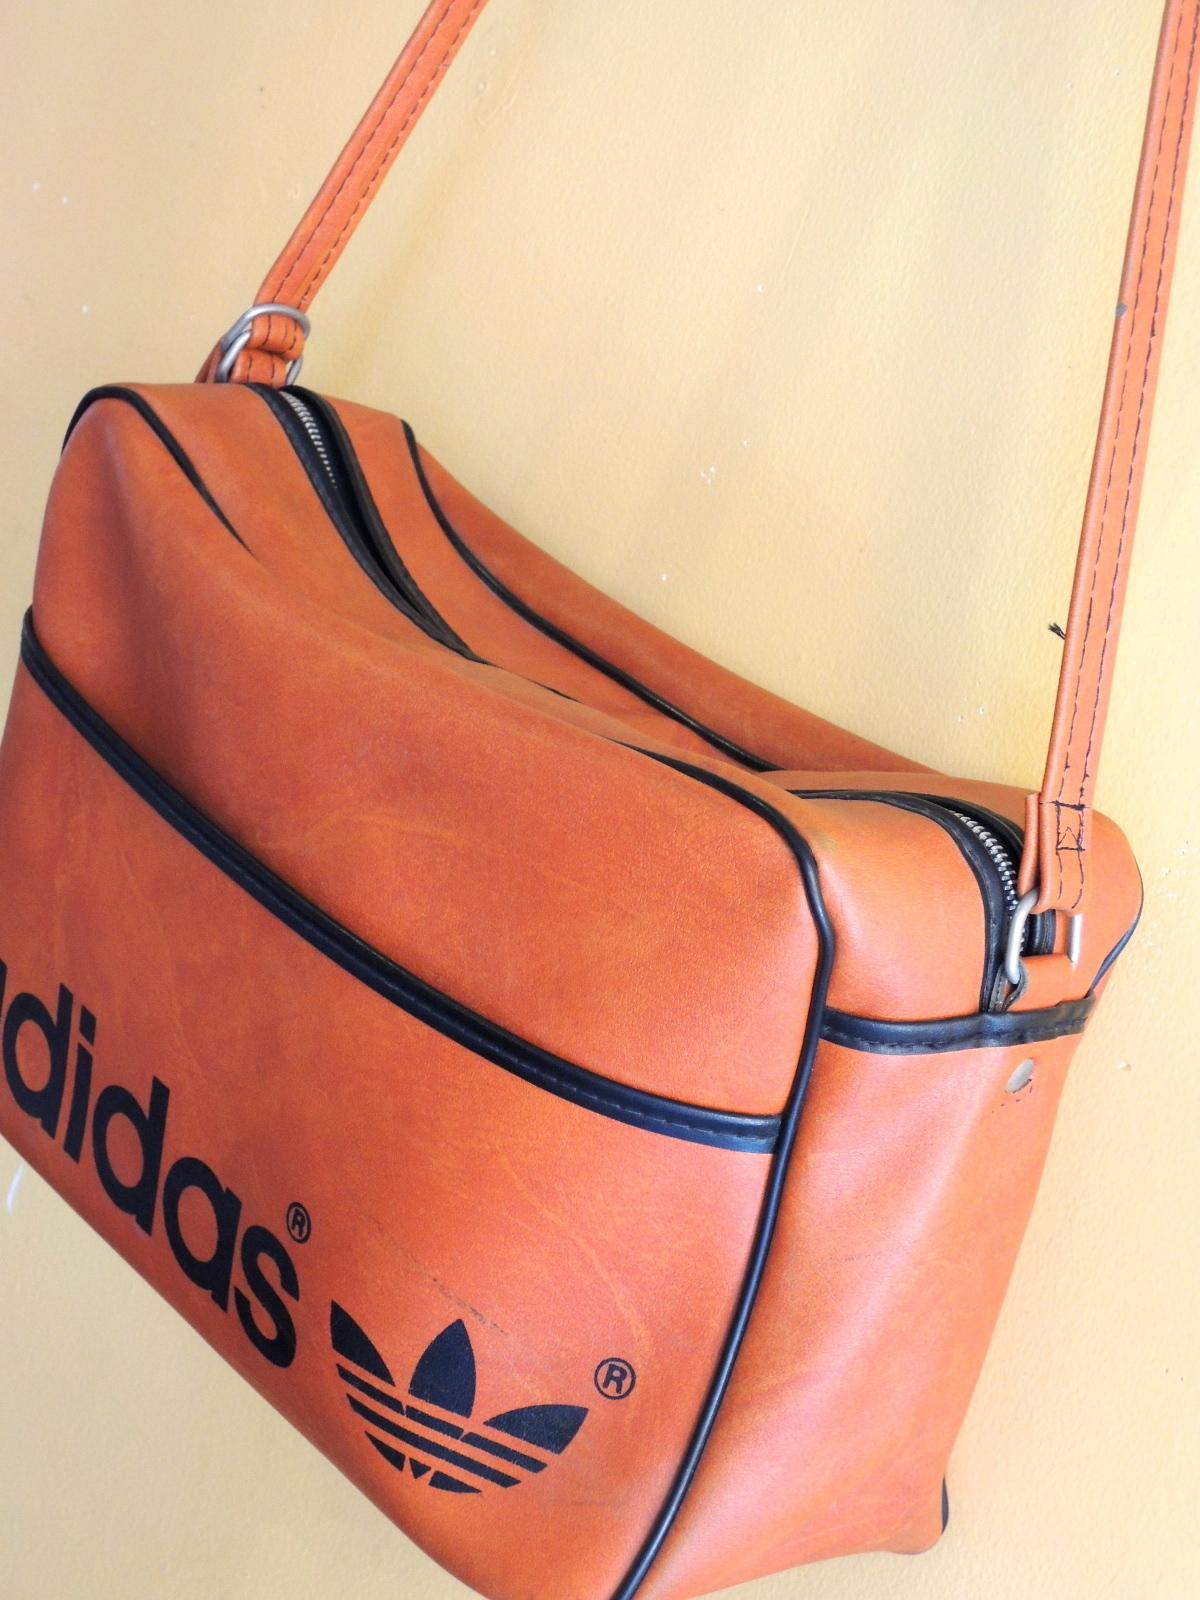 adidasbag02.JPG